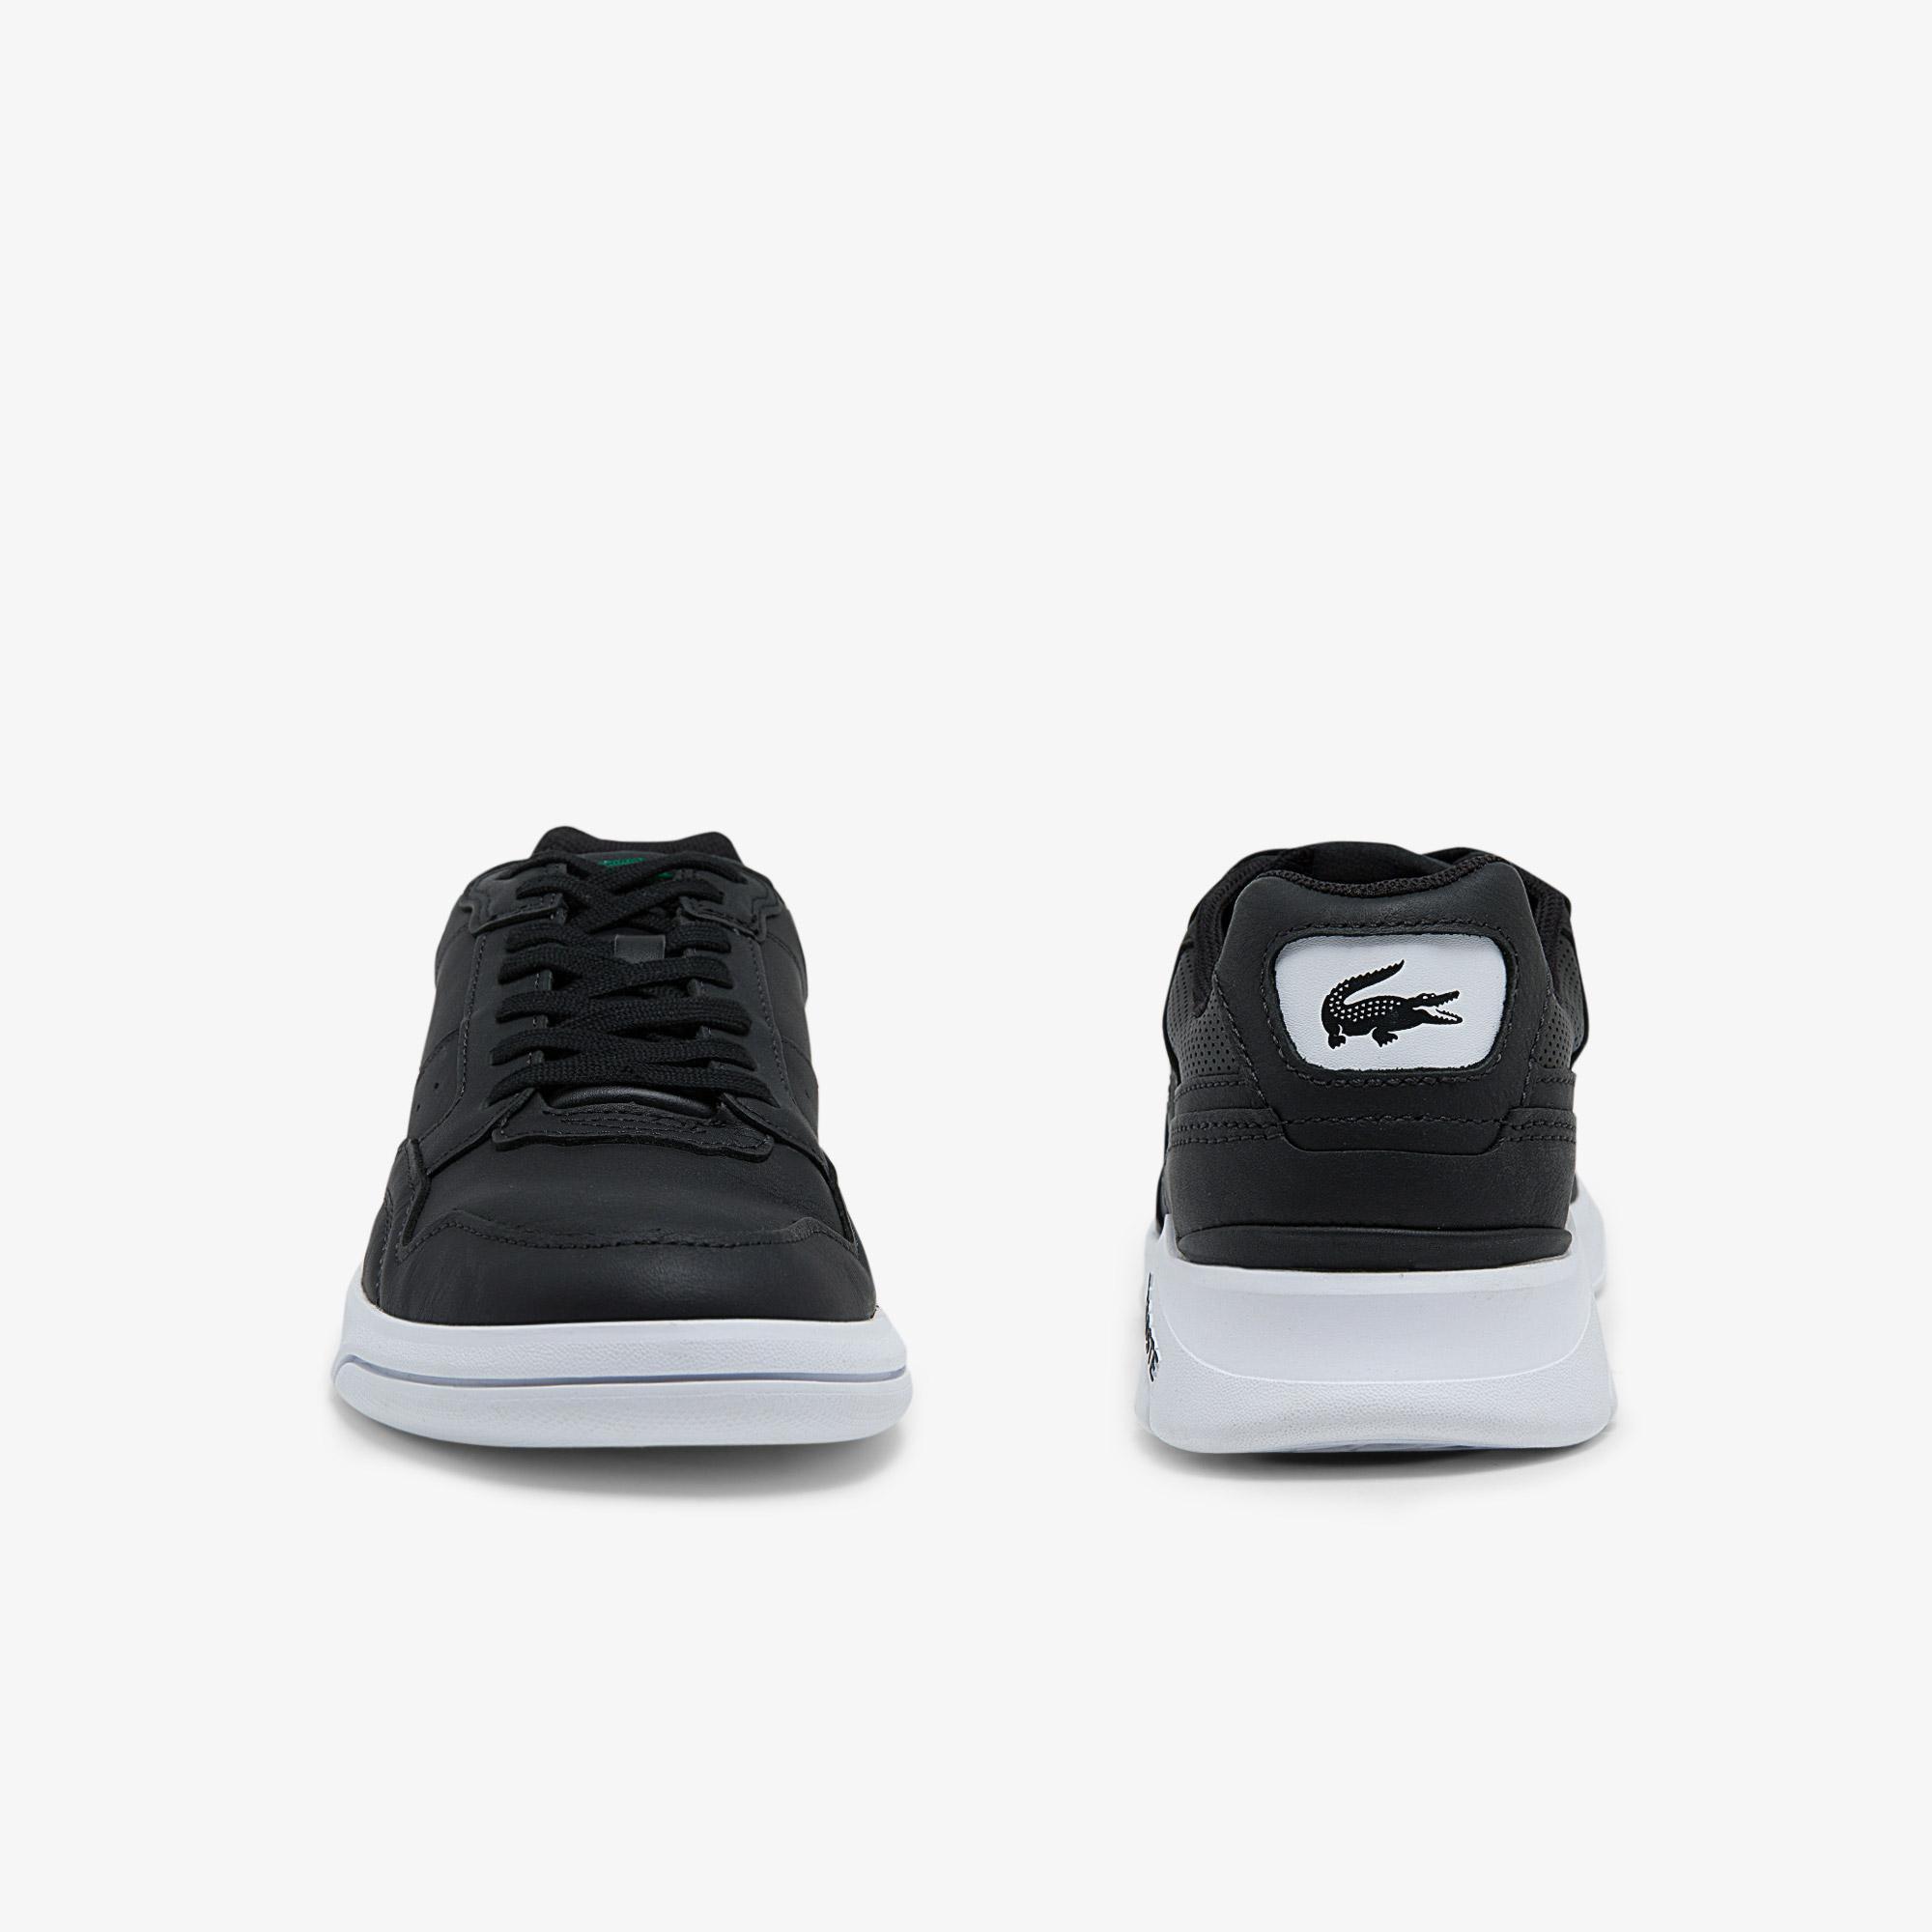 Lacoste Męskie sneakersy skórzane Game Advance Luxe